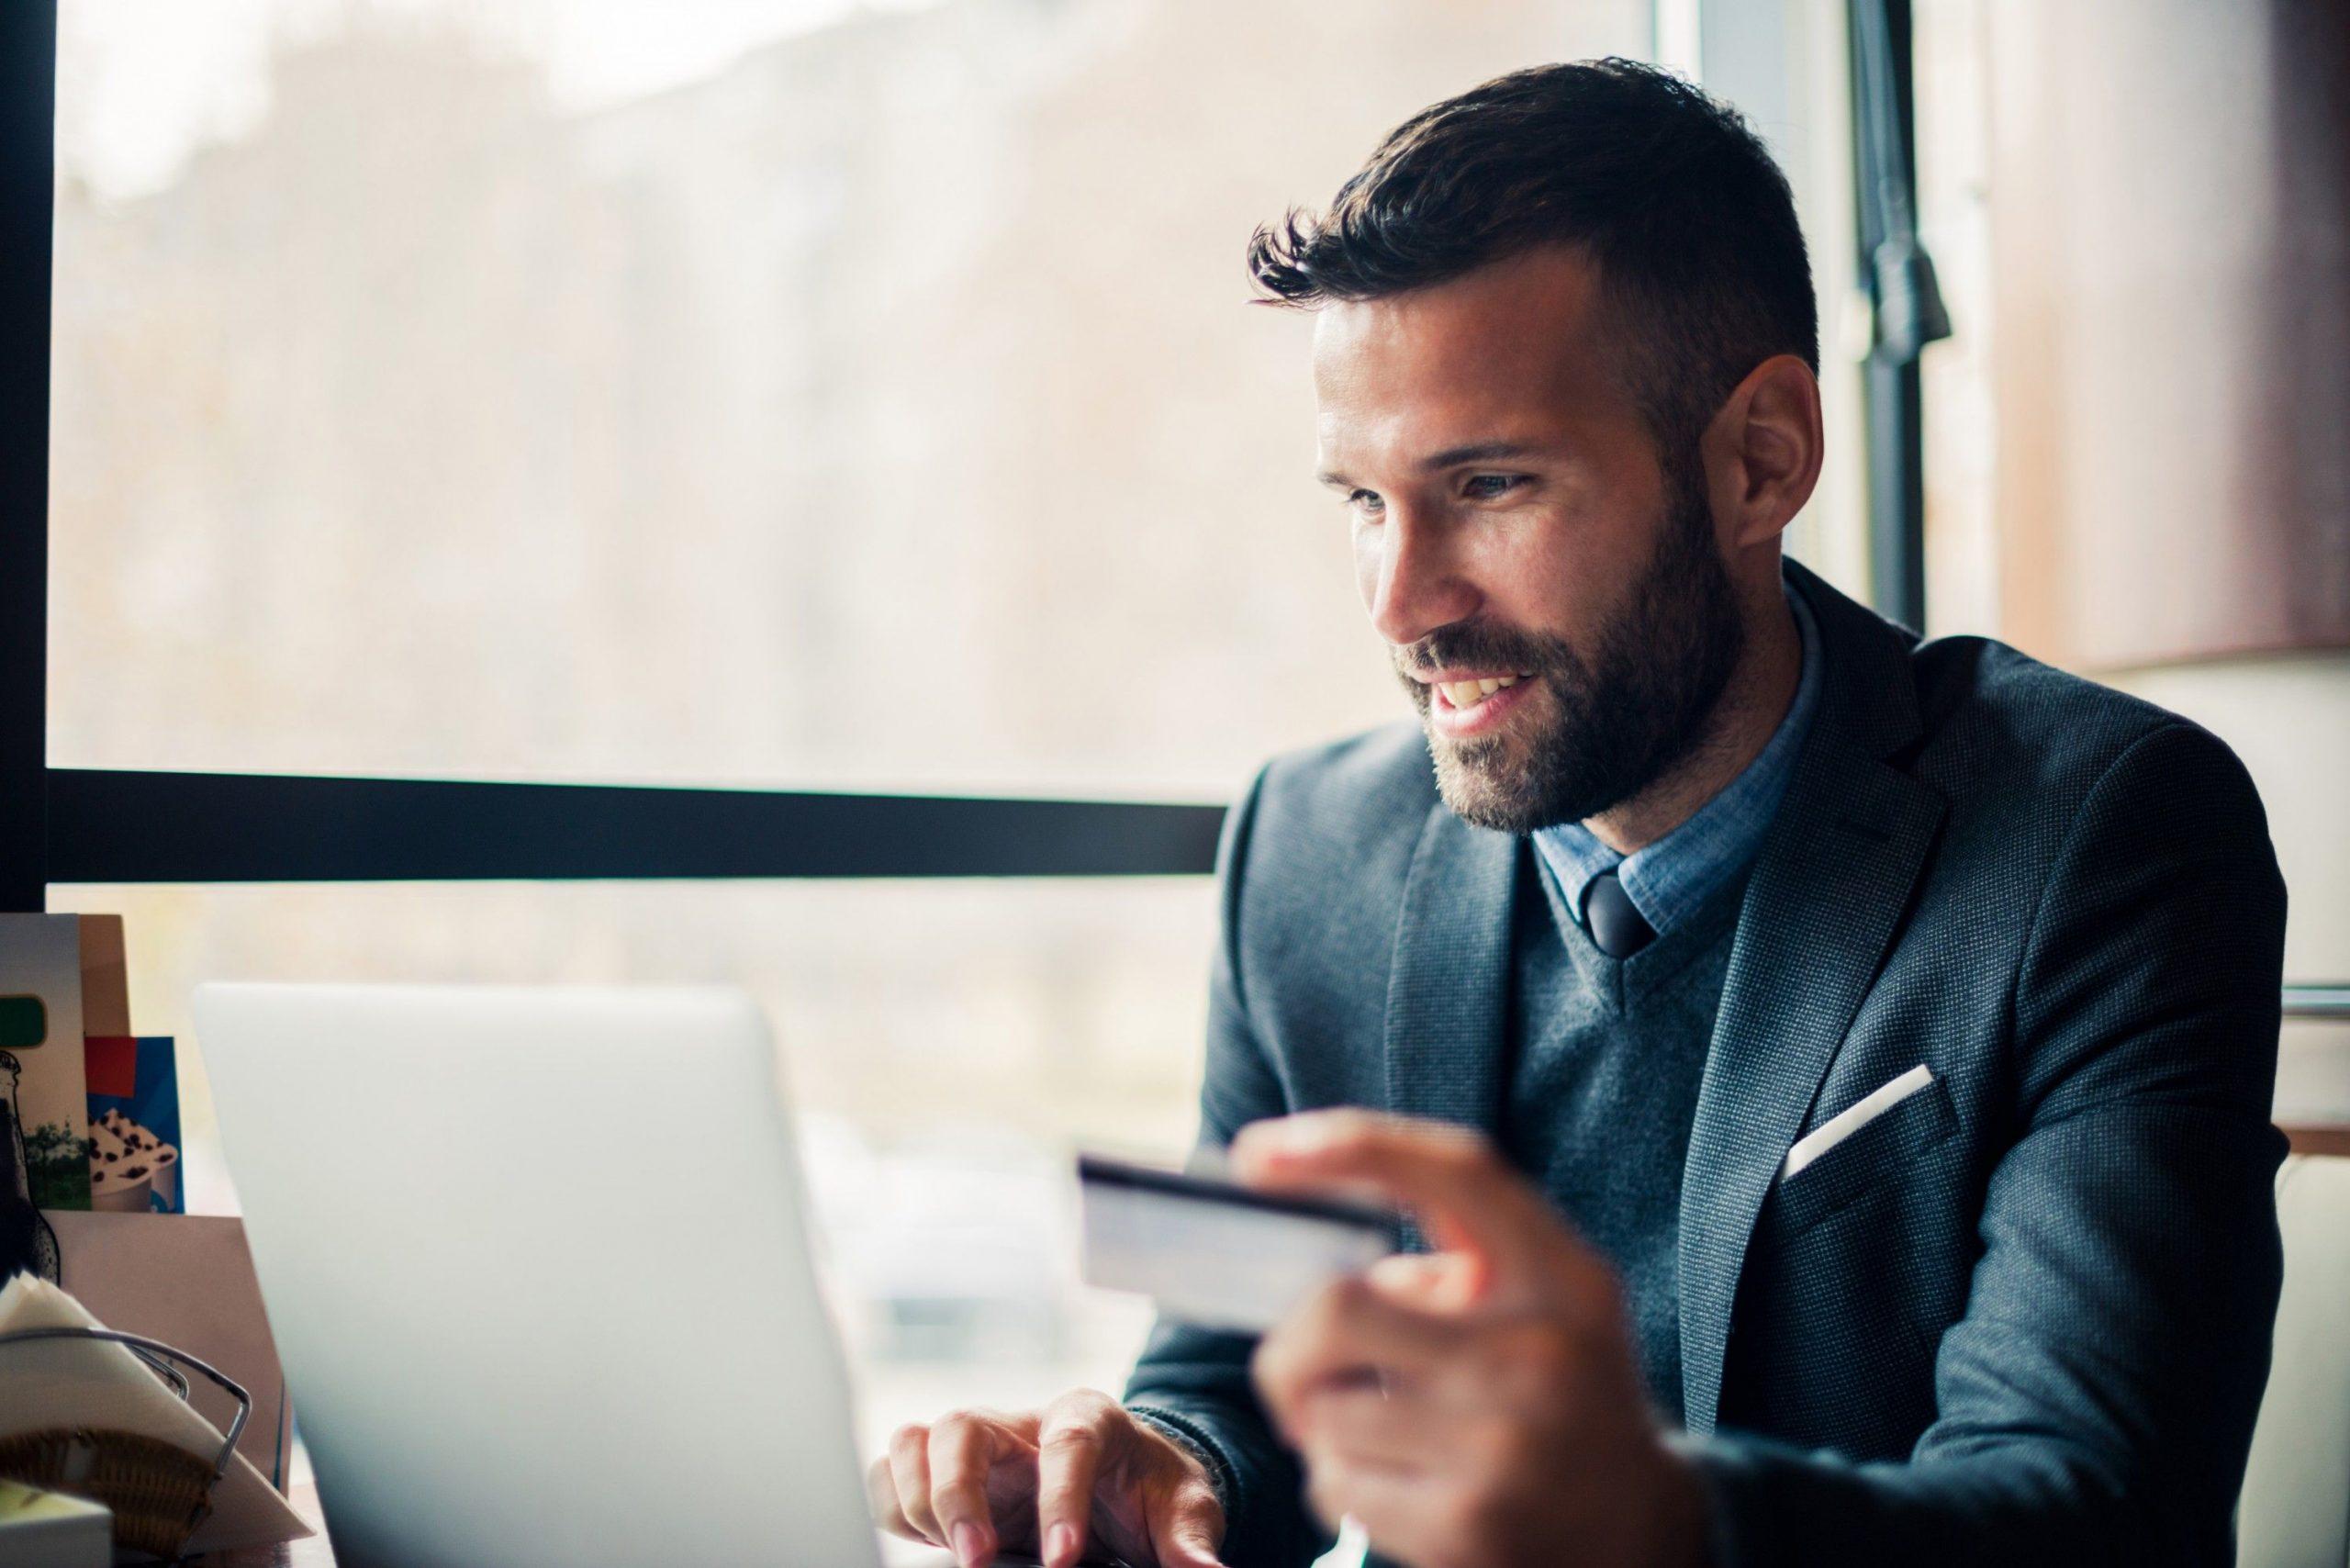 Entenda o perfil do cliente B2B digital em 5 características